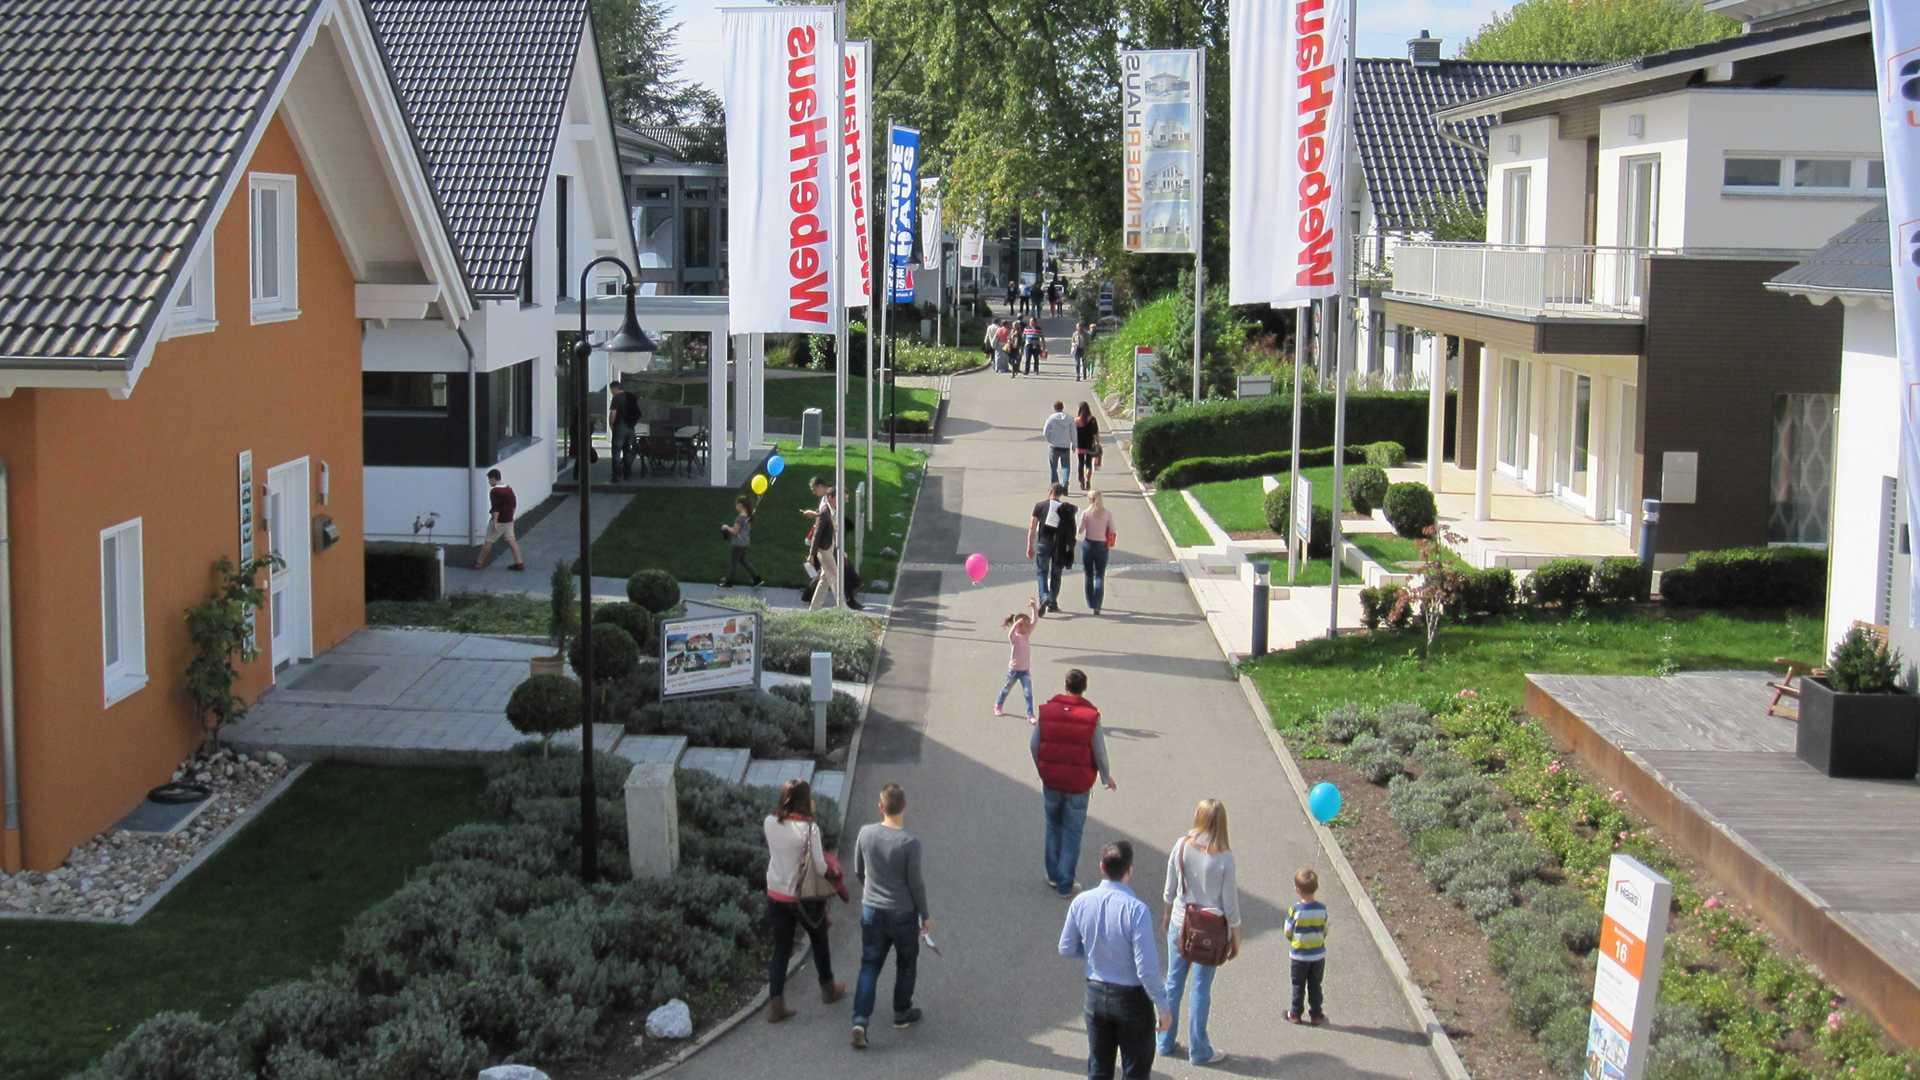 Fertighausausstellung Fellbach musterhausausstellung musterhauspark fellbach bei stuttgart